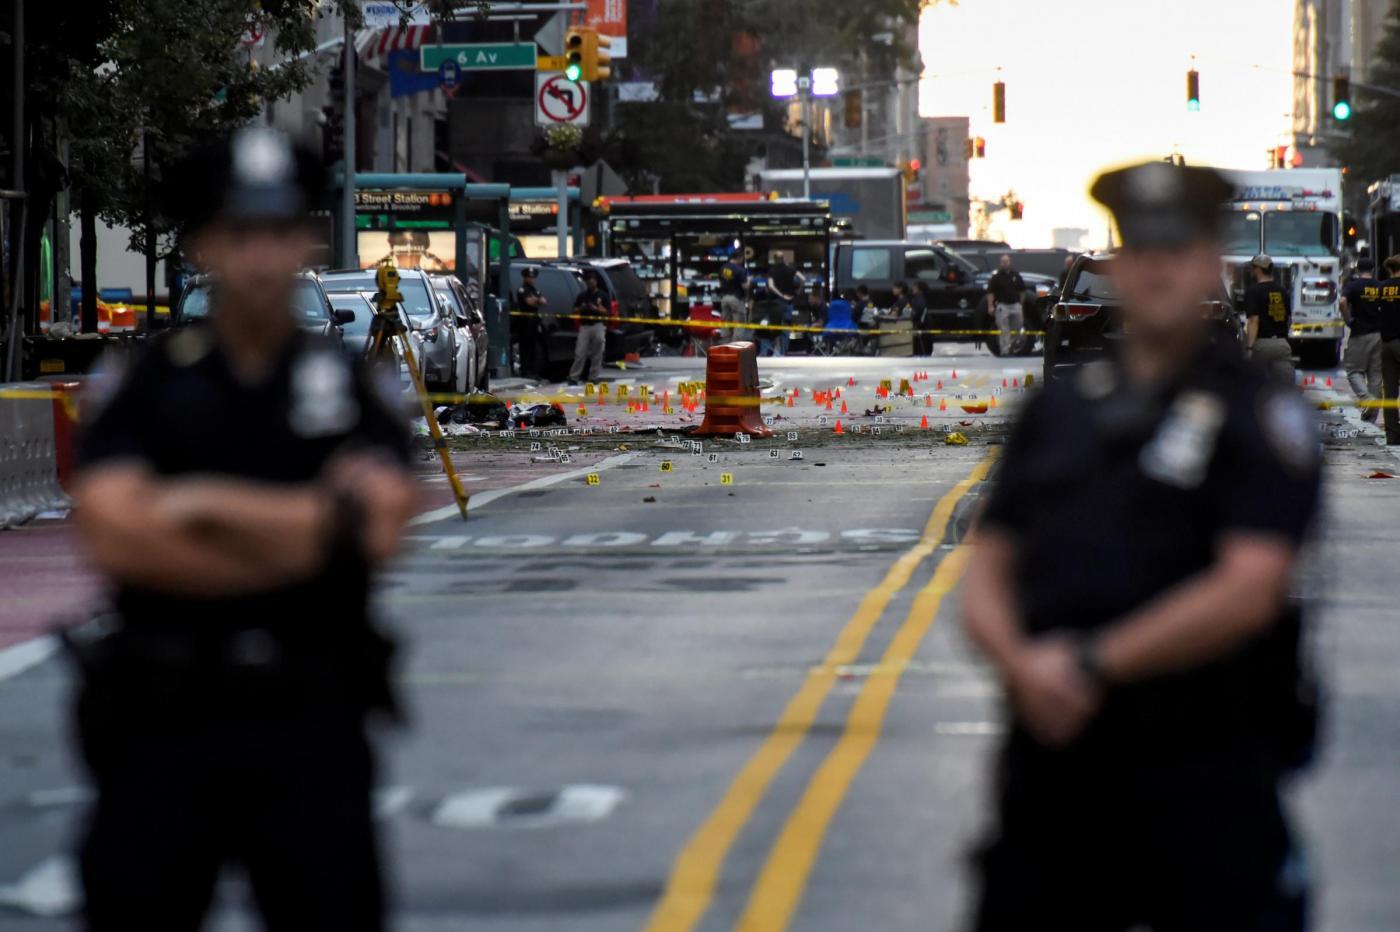 Forte esplosione nel cuore di New York